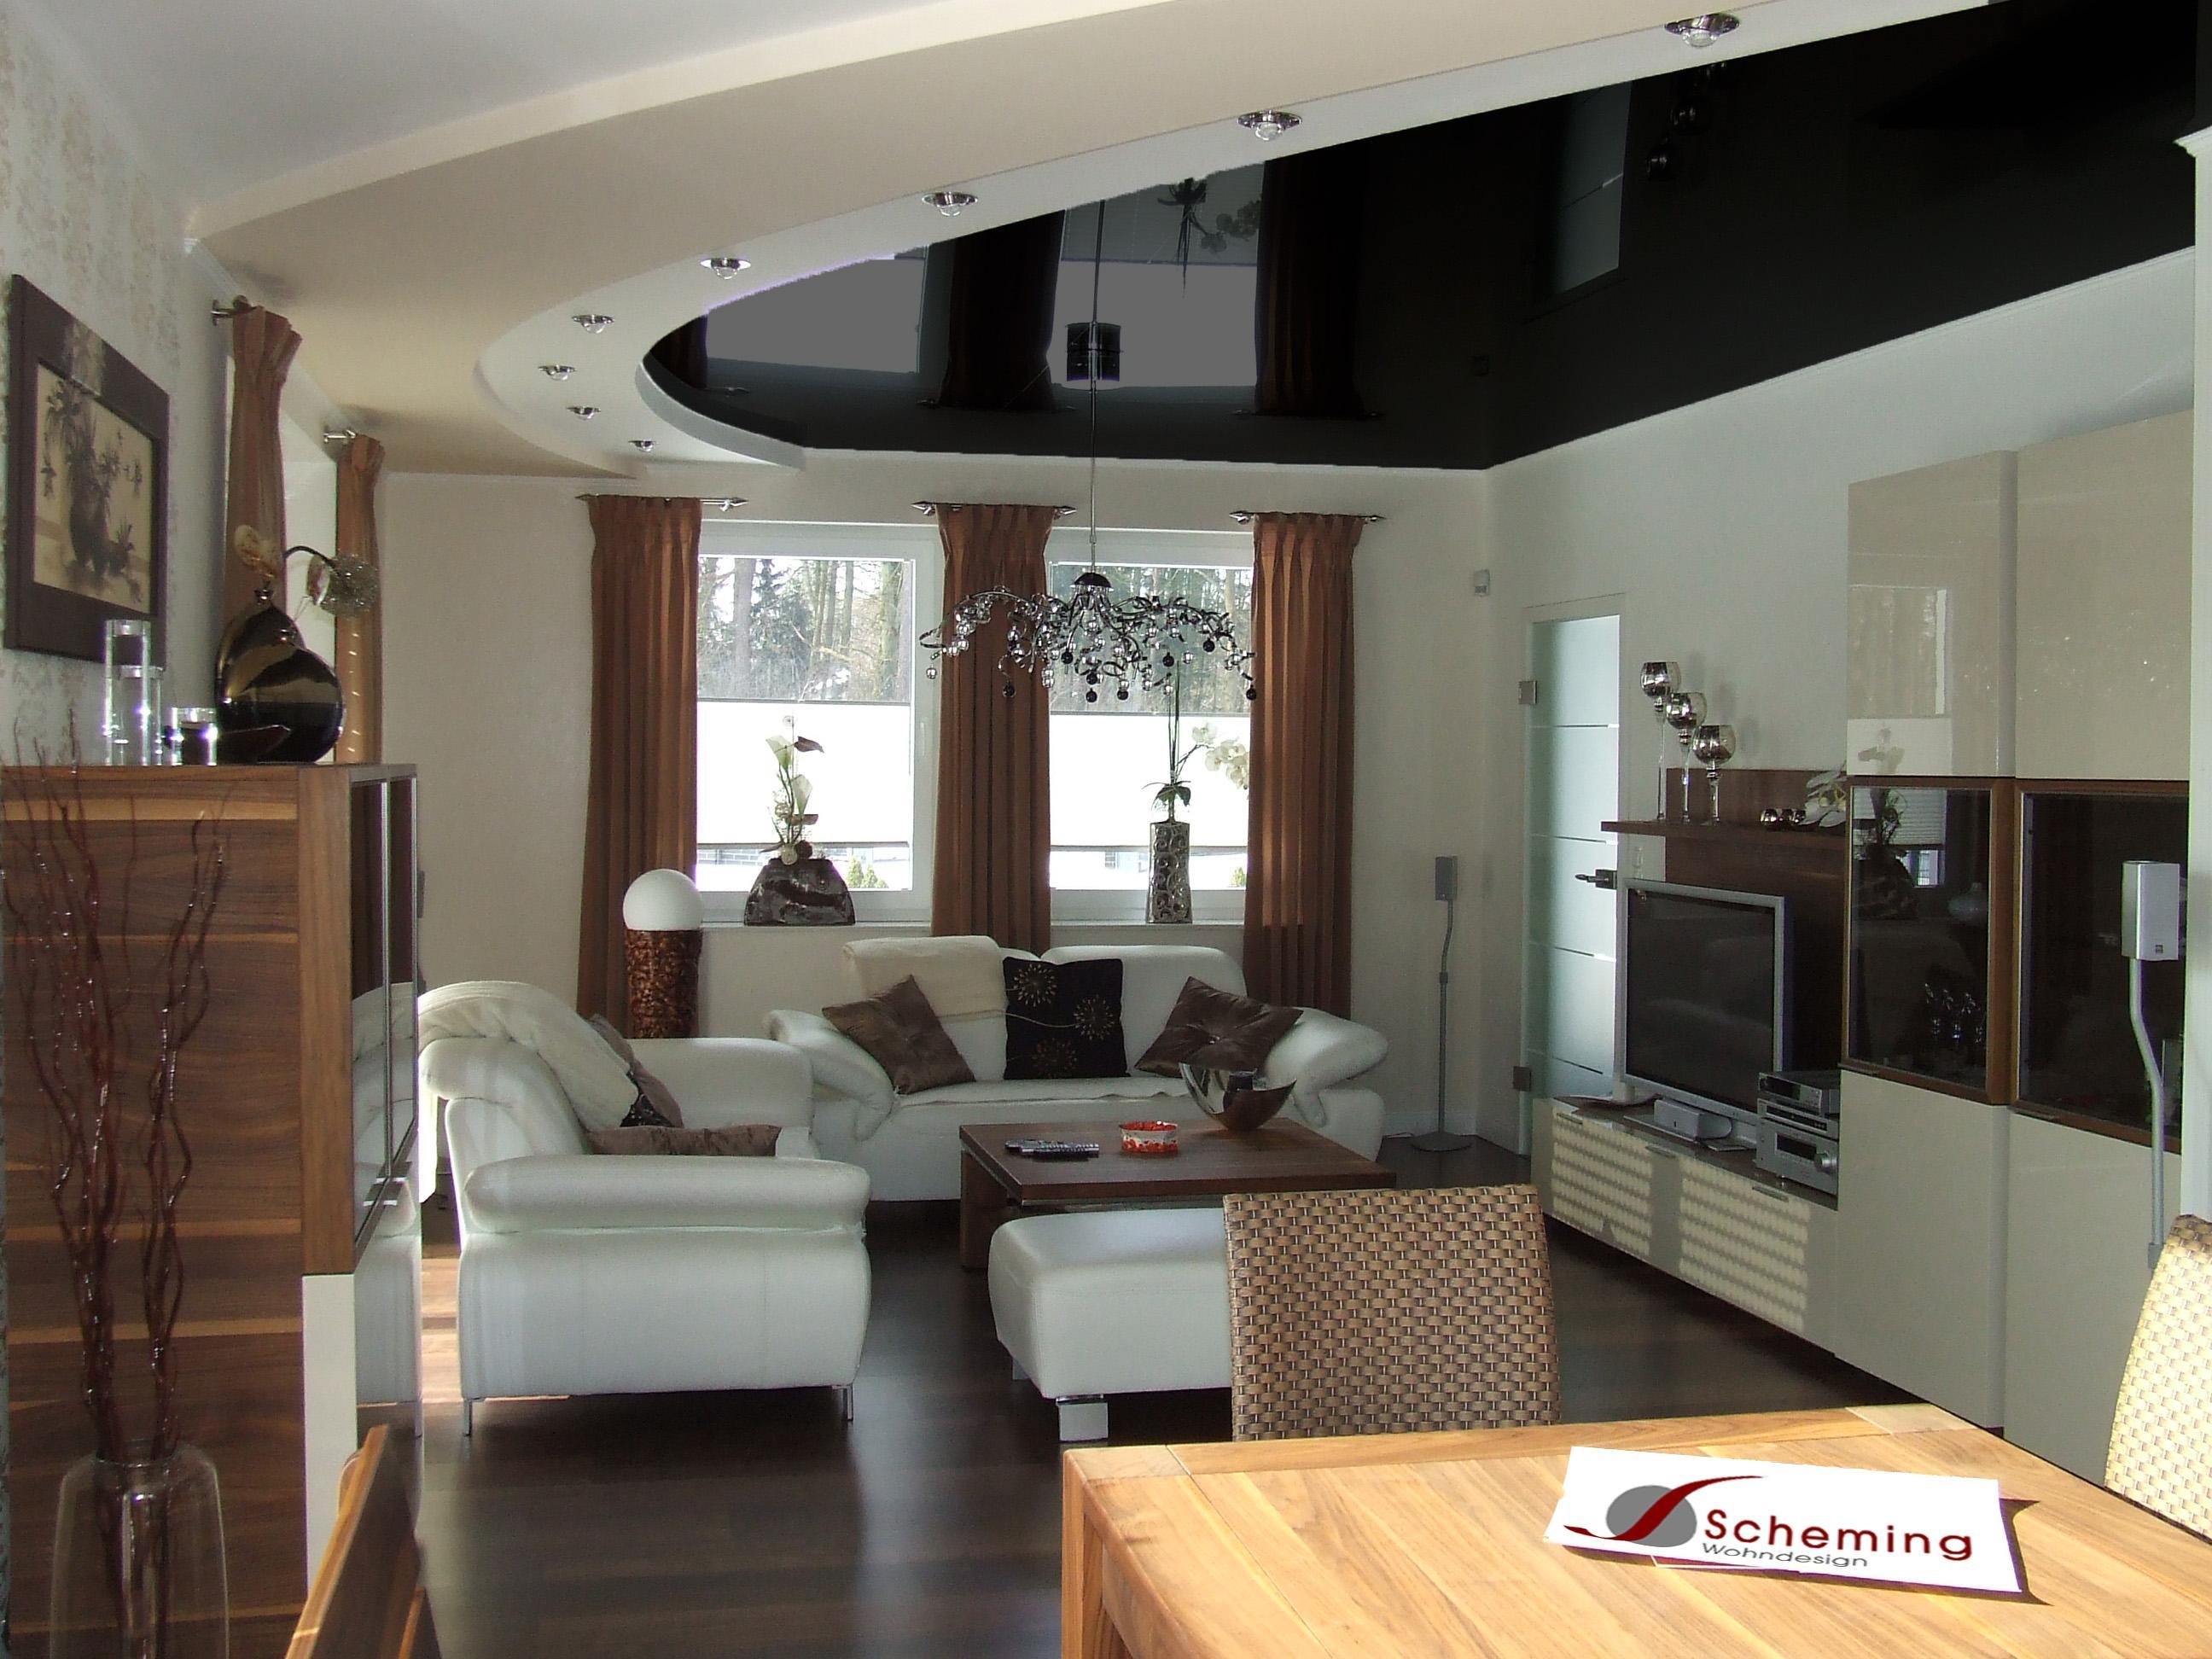 Deckenbespannung bilder ideen couchstyle for Deckendesign wohnzimmer